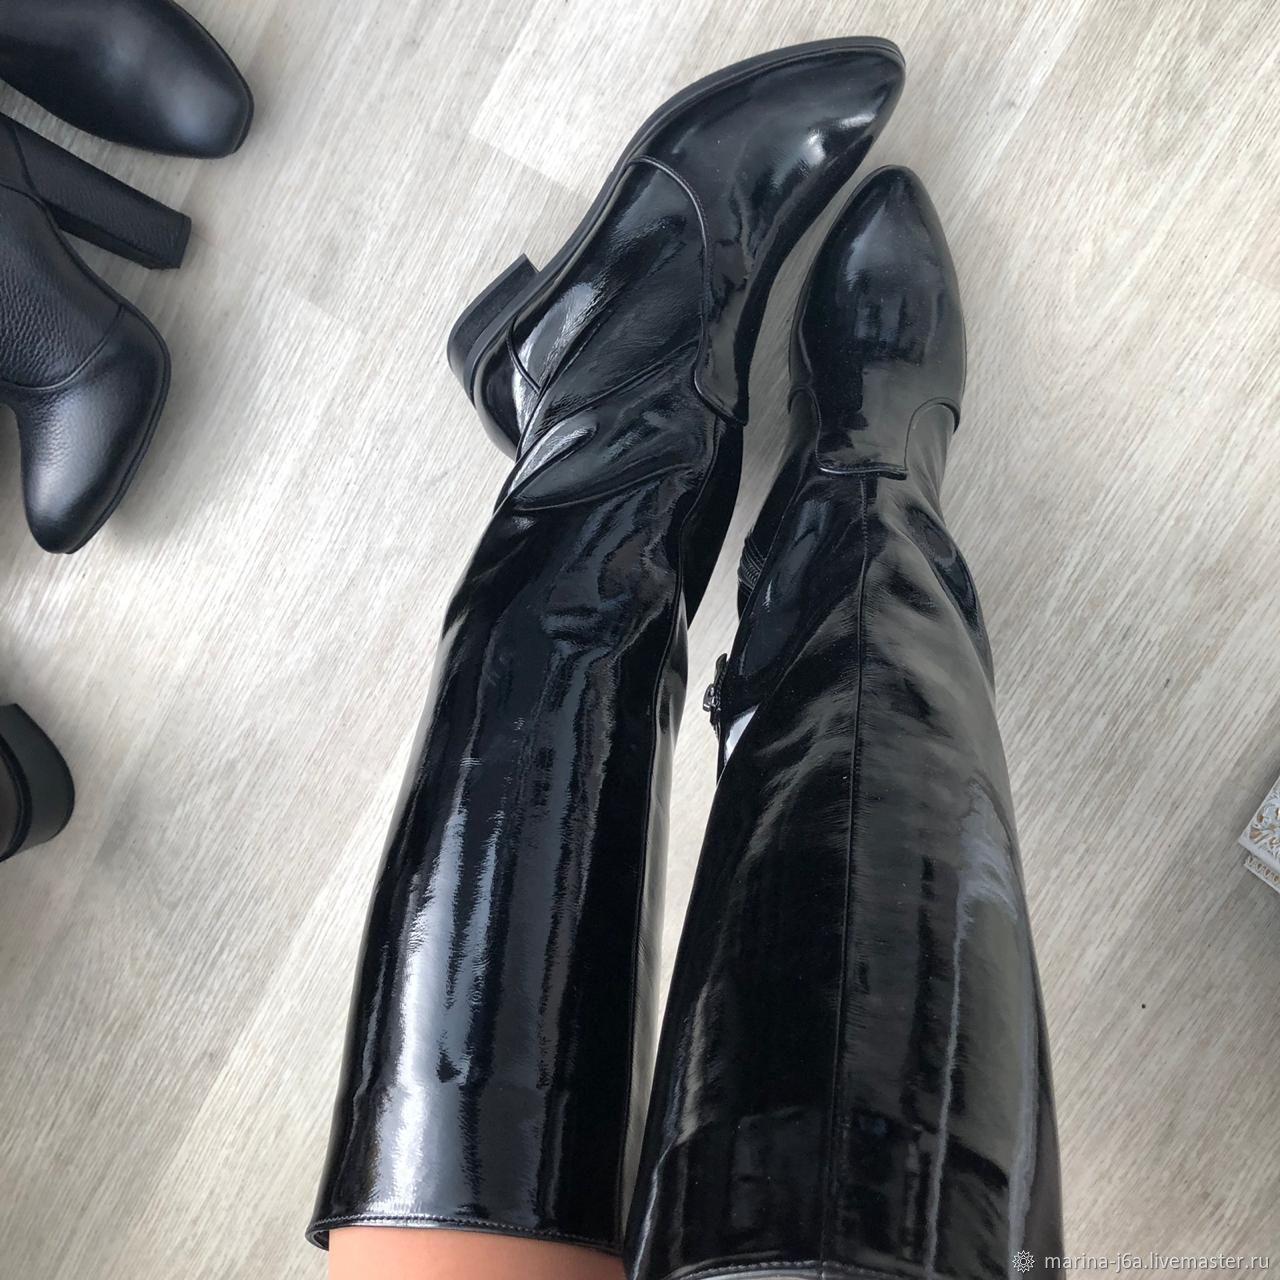 Обувь ручной работы. Ярмарка Мастеров - ручная работа. Купить Жокейские лаковые. Handmade. Сапоги, сапоги женские, лаковые сапоги